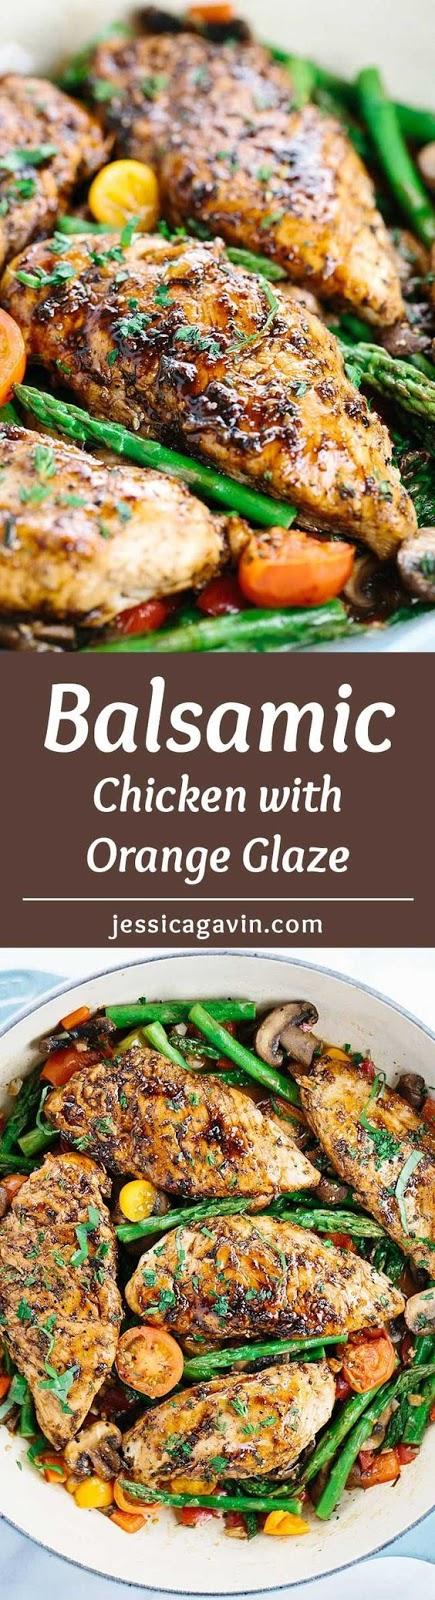 BALSAMIC CHICKEN WITH ORANGE GLAZE SAUCE